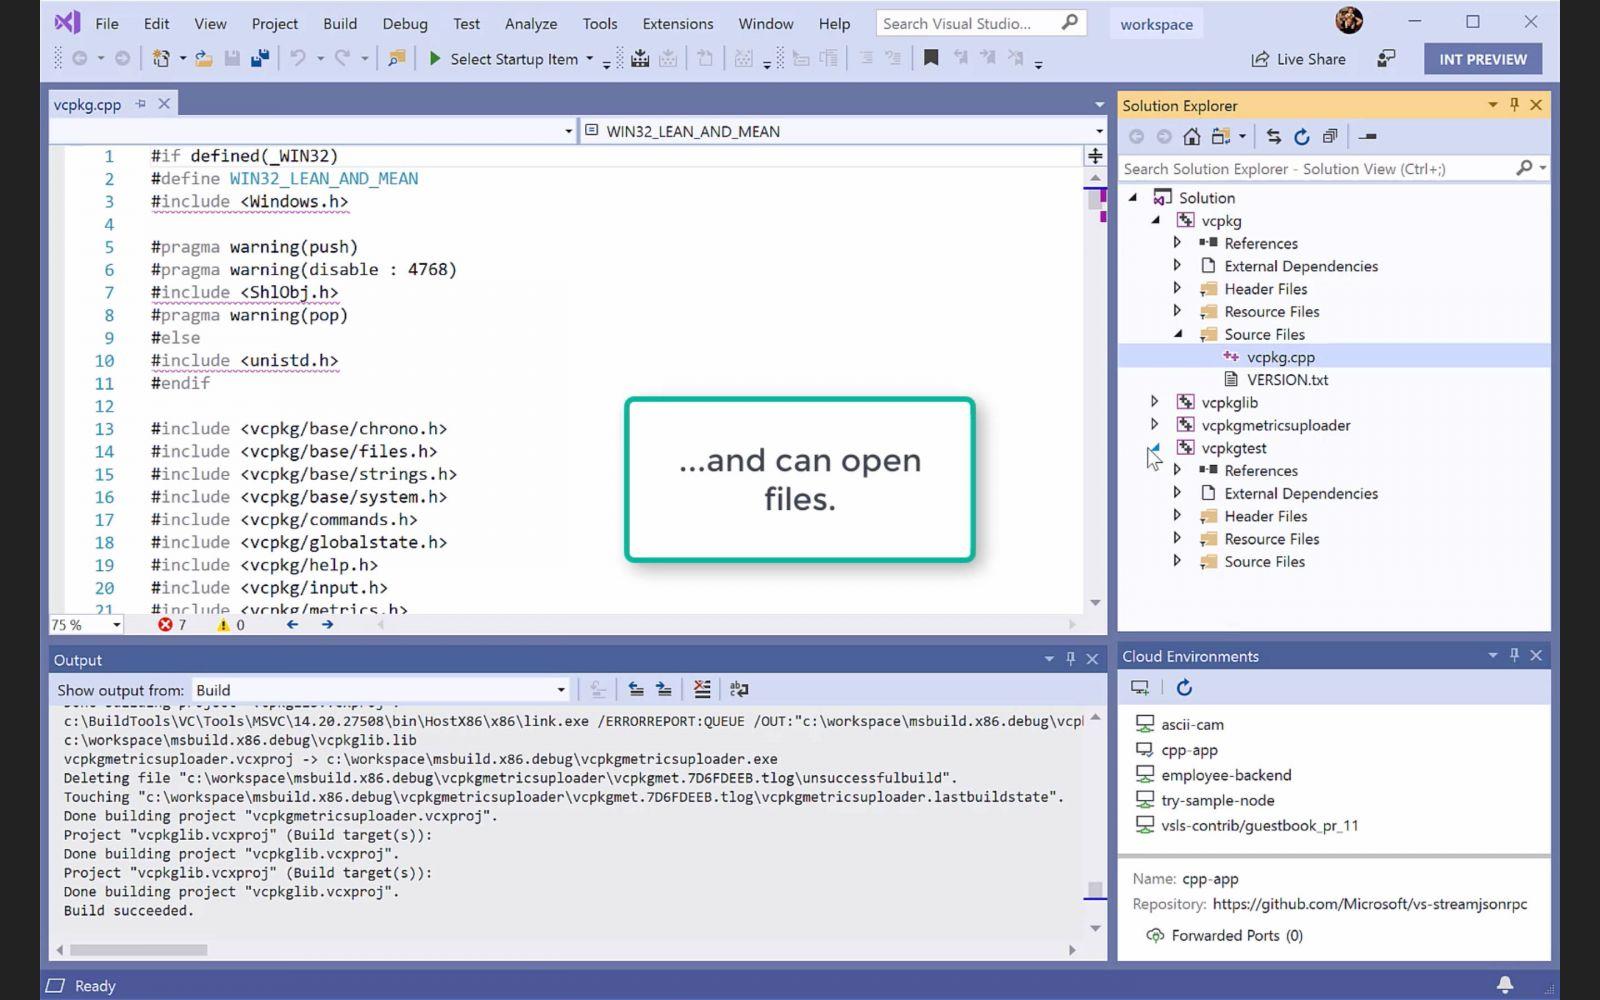 微軟正打造網頁版開發工具Visual Studio Online | iThome